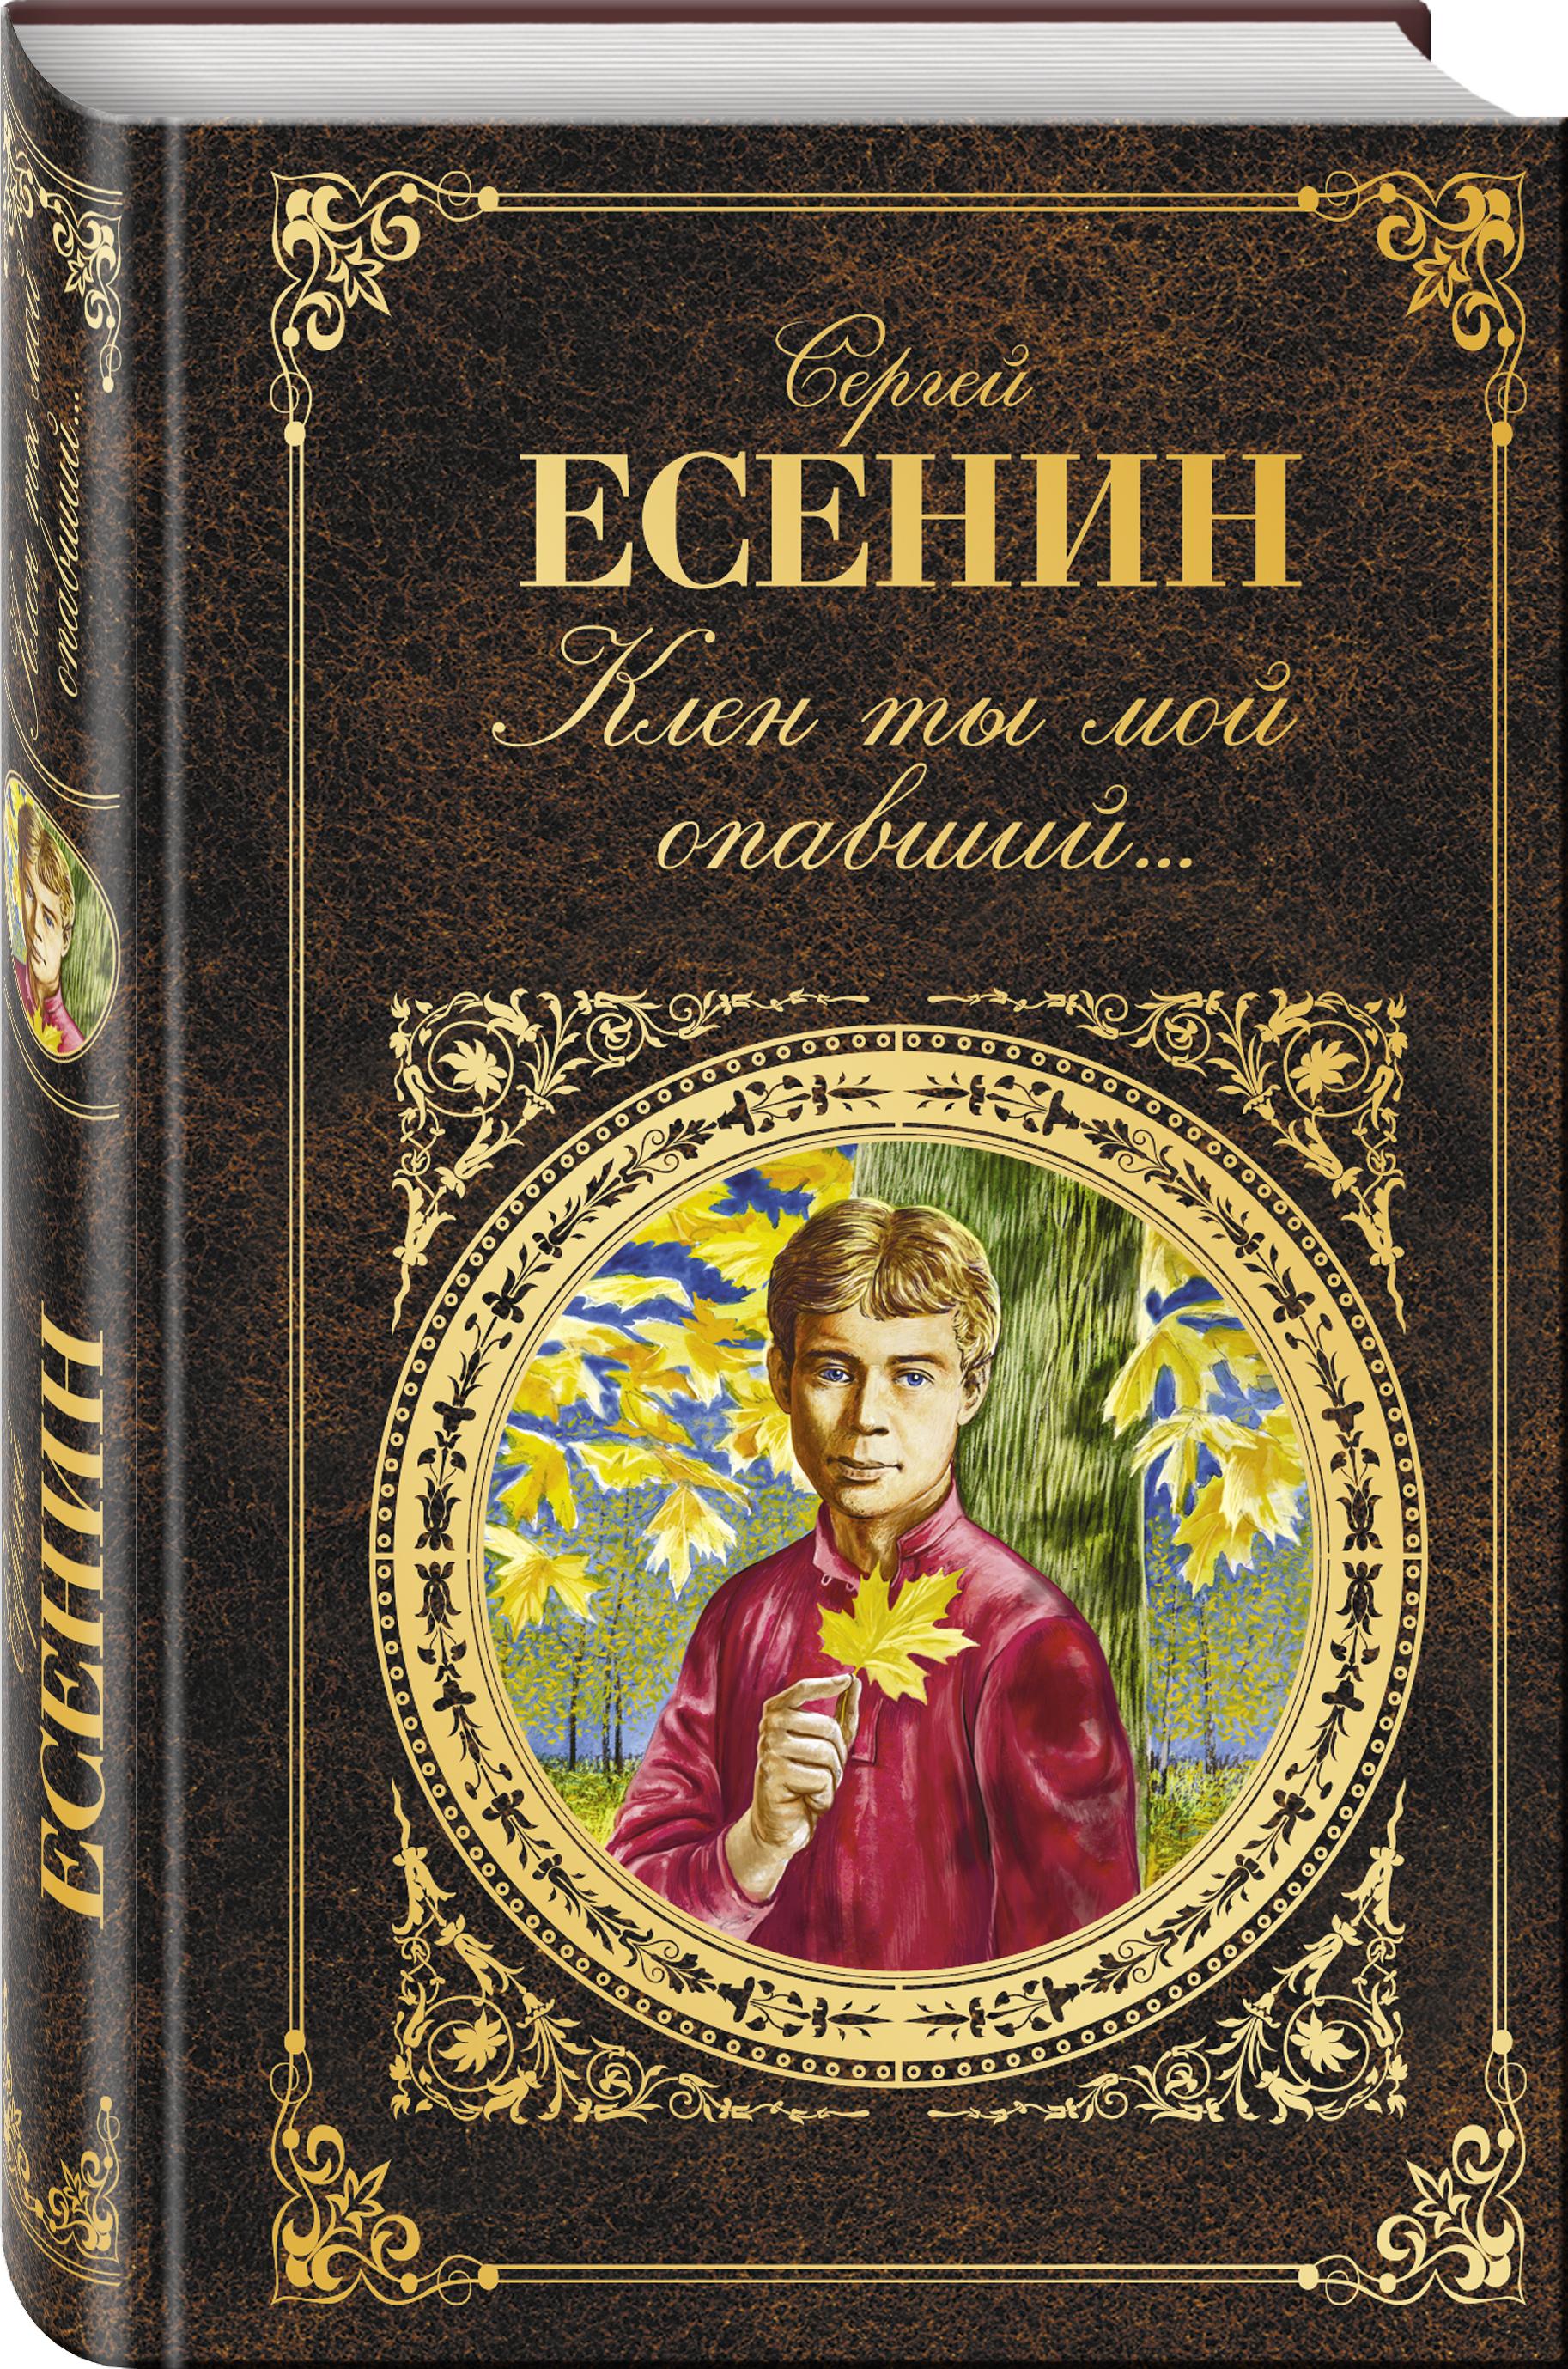 Сергей Есенин Клен ты мой опавший... спектакль сергей есенин мой путь